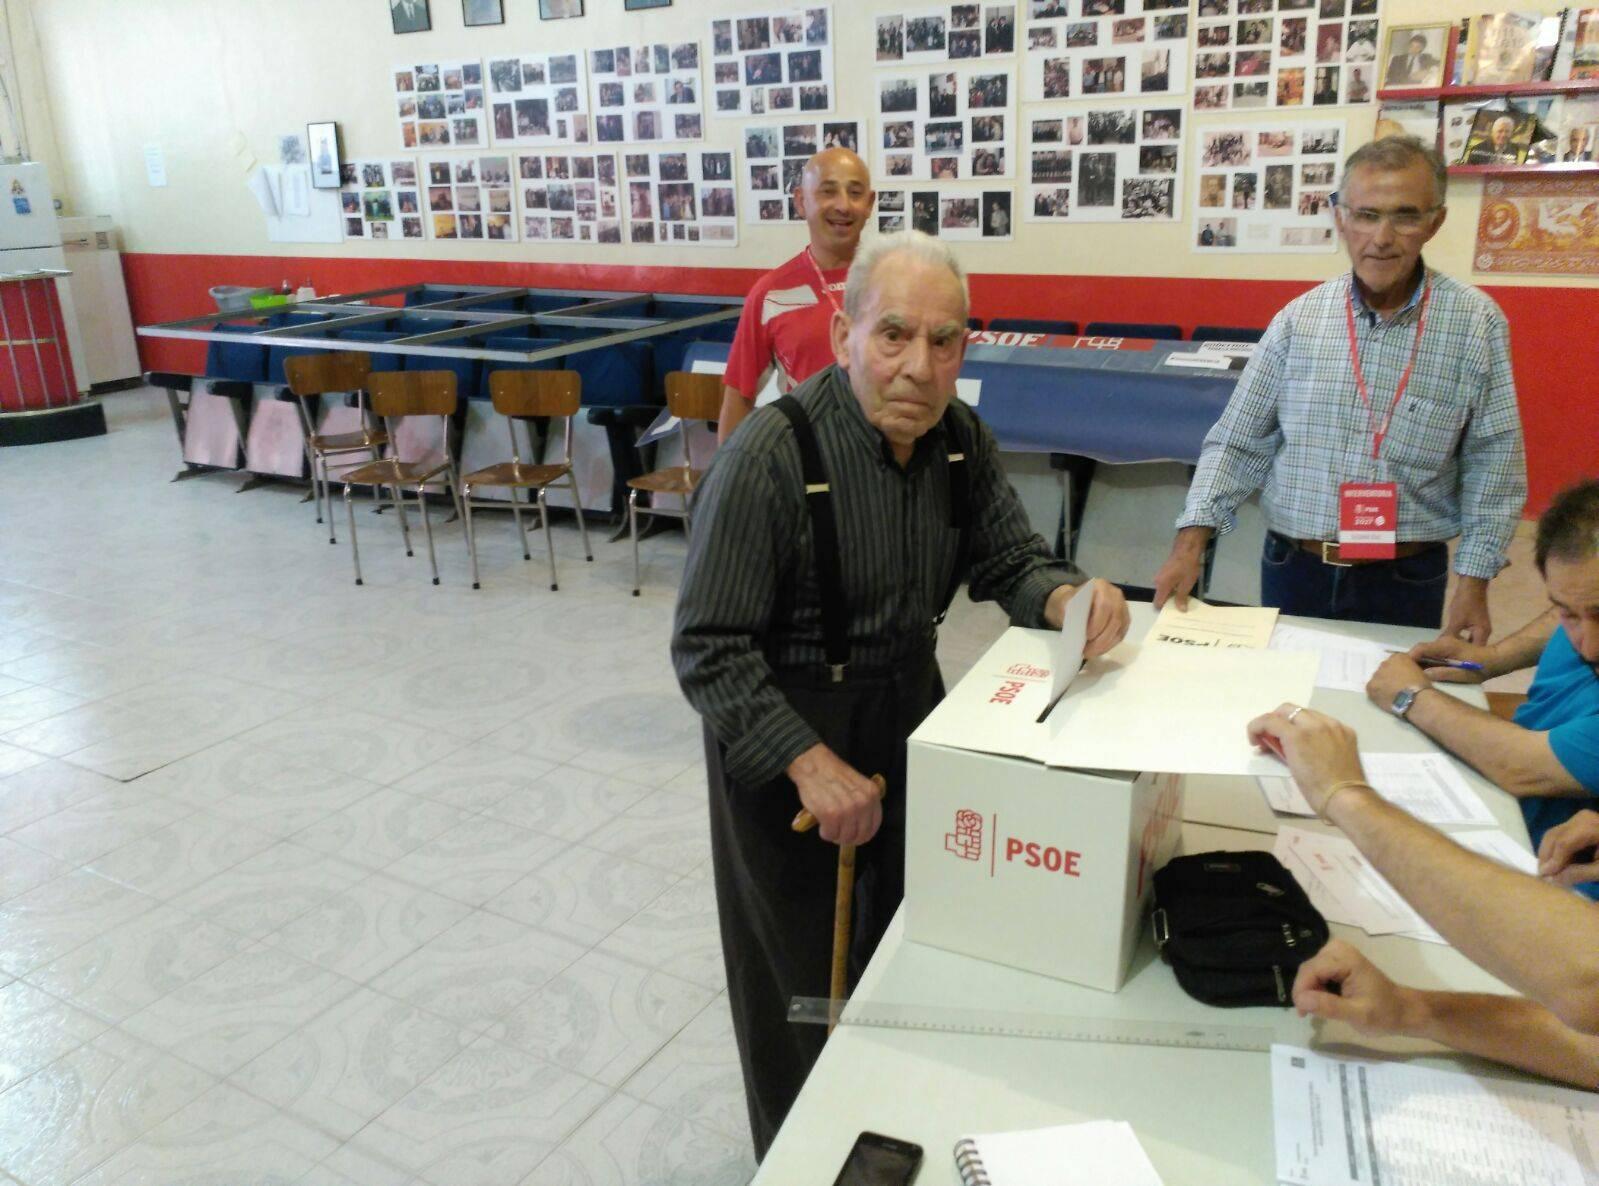 militante votando primarias psoe - PSOE de Herencia participa activamente en las Primarias del partido